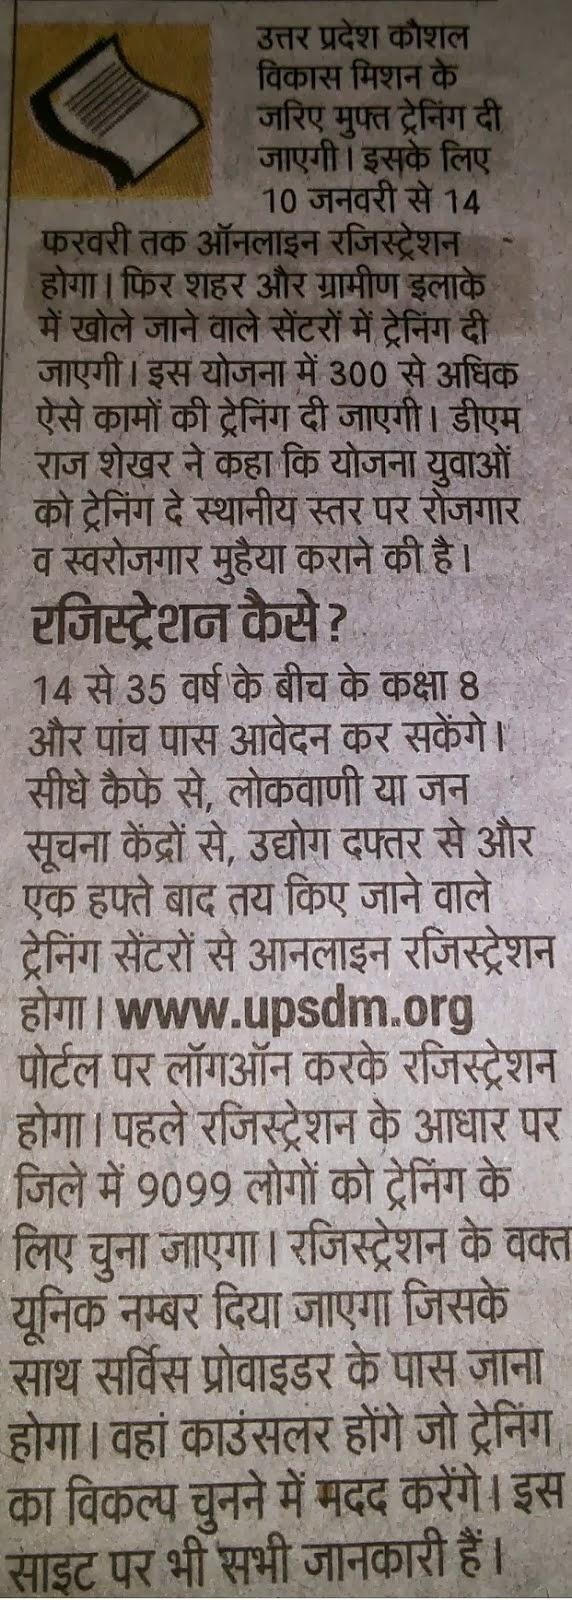 UPSDM.org Online Registration 2015 Uttar Pradesh Kaushal Vikas